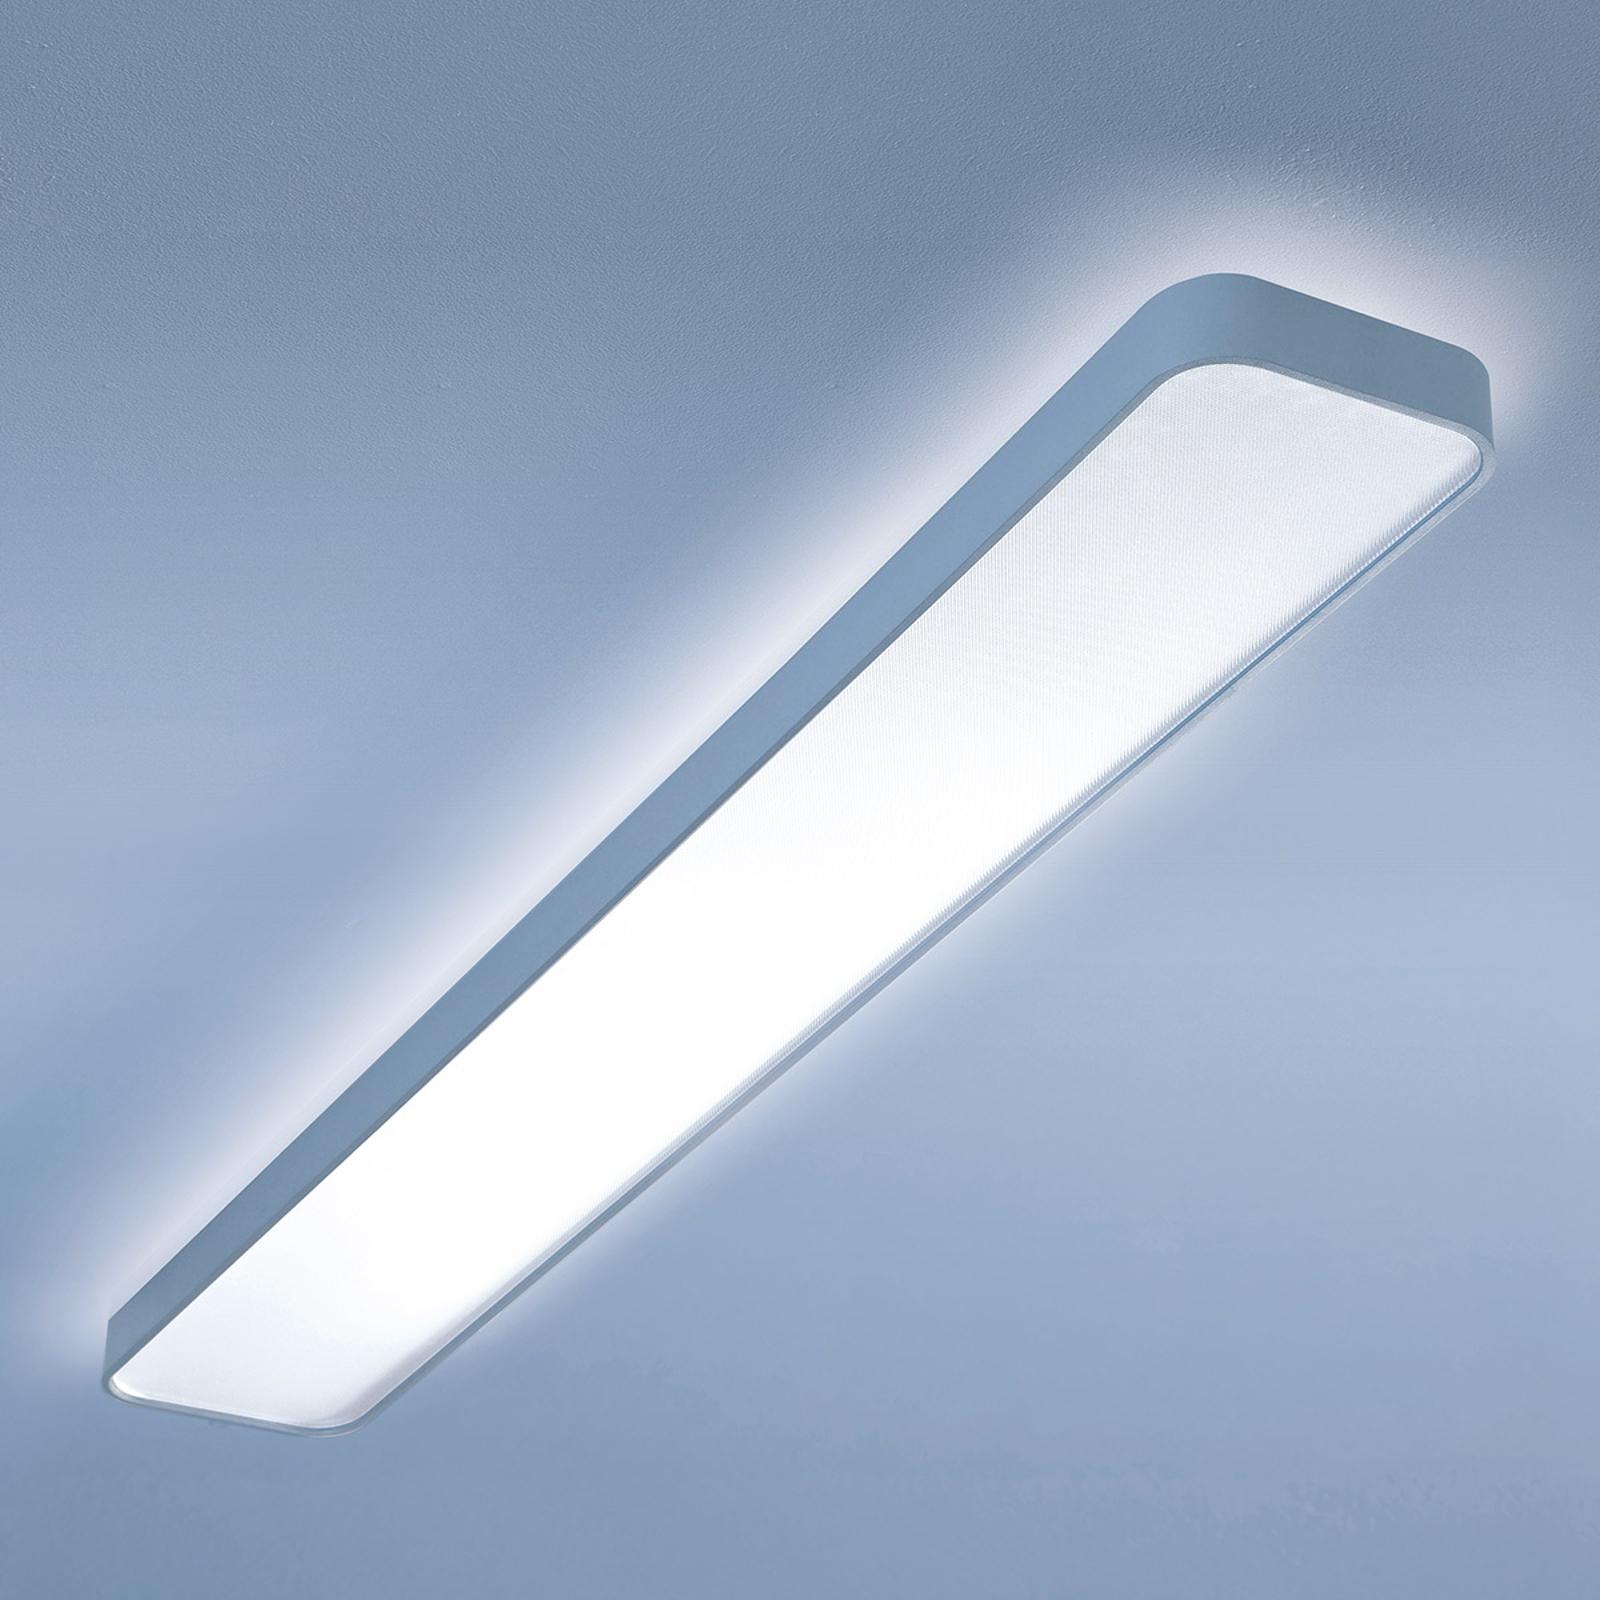 Lange LED-Deckenleuchte Caleo-X1 ww 120 cm